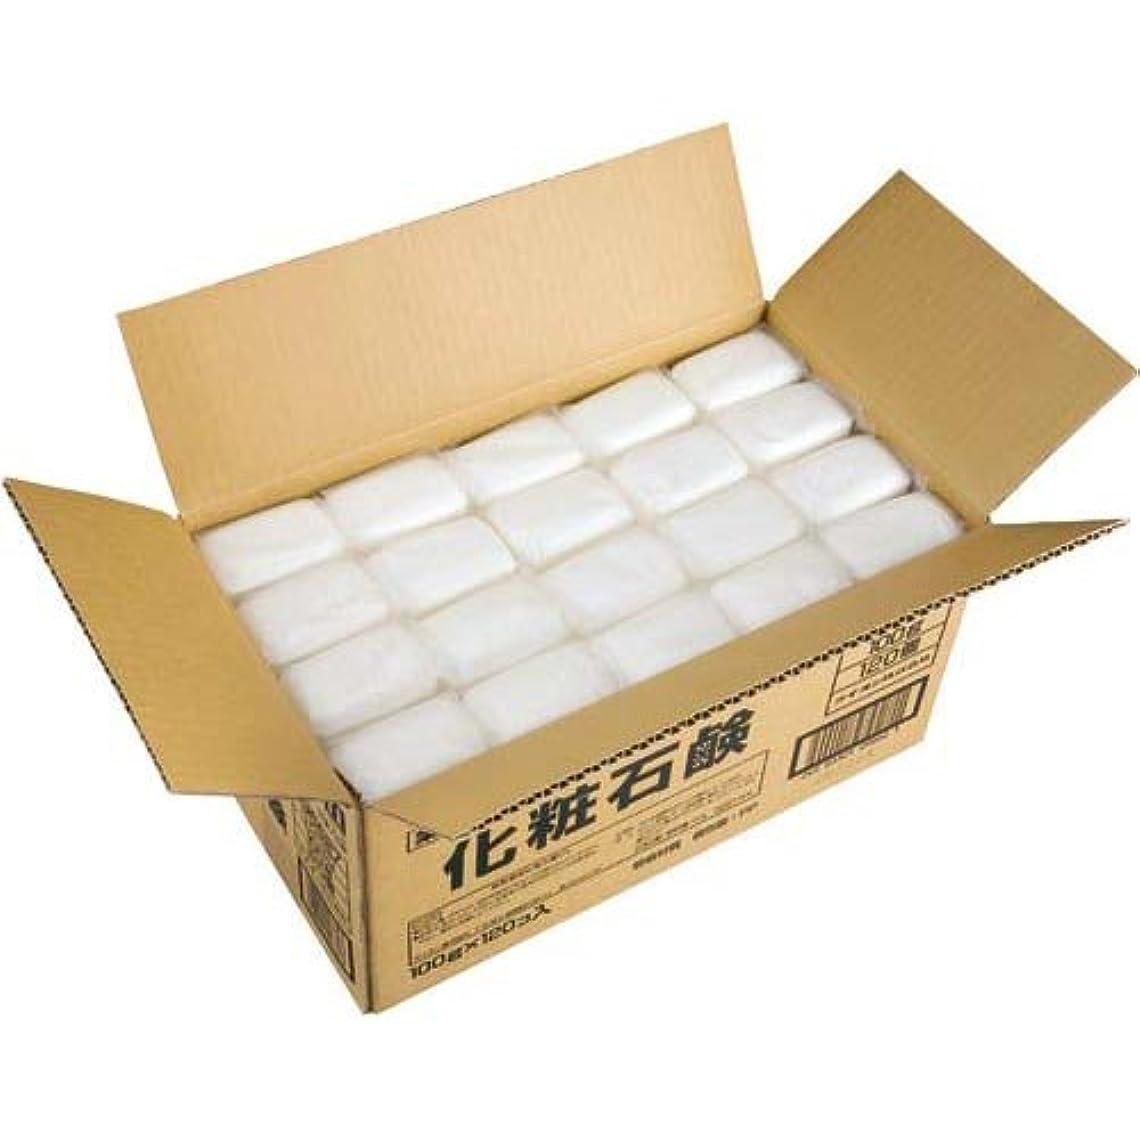 交響曲ミュート運命的なライオン 植物物語 化粧石鹸 (100g×120入)